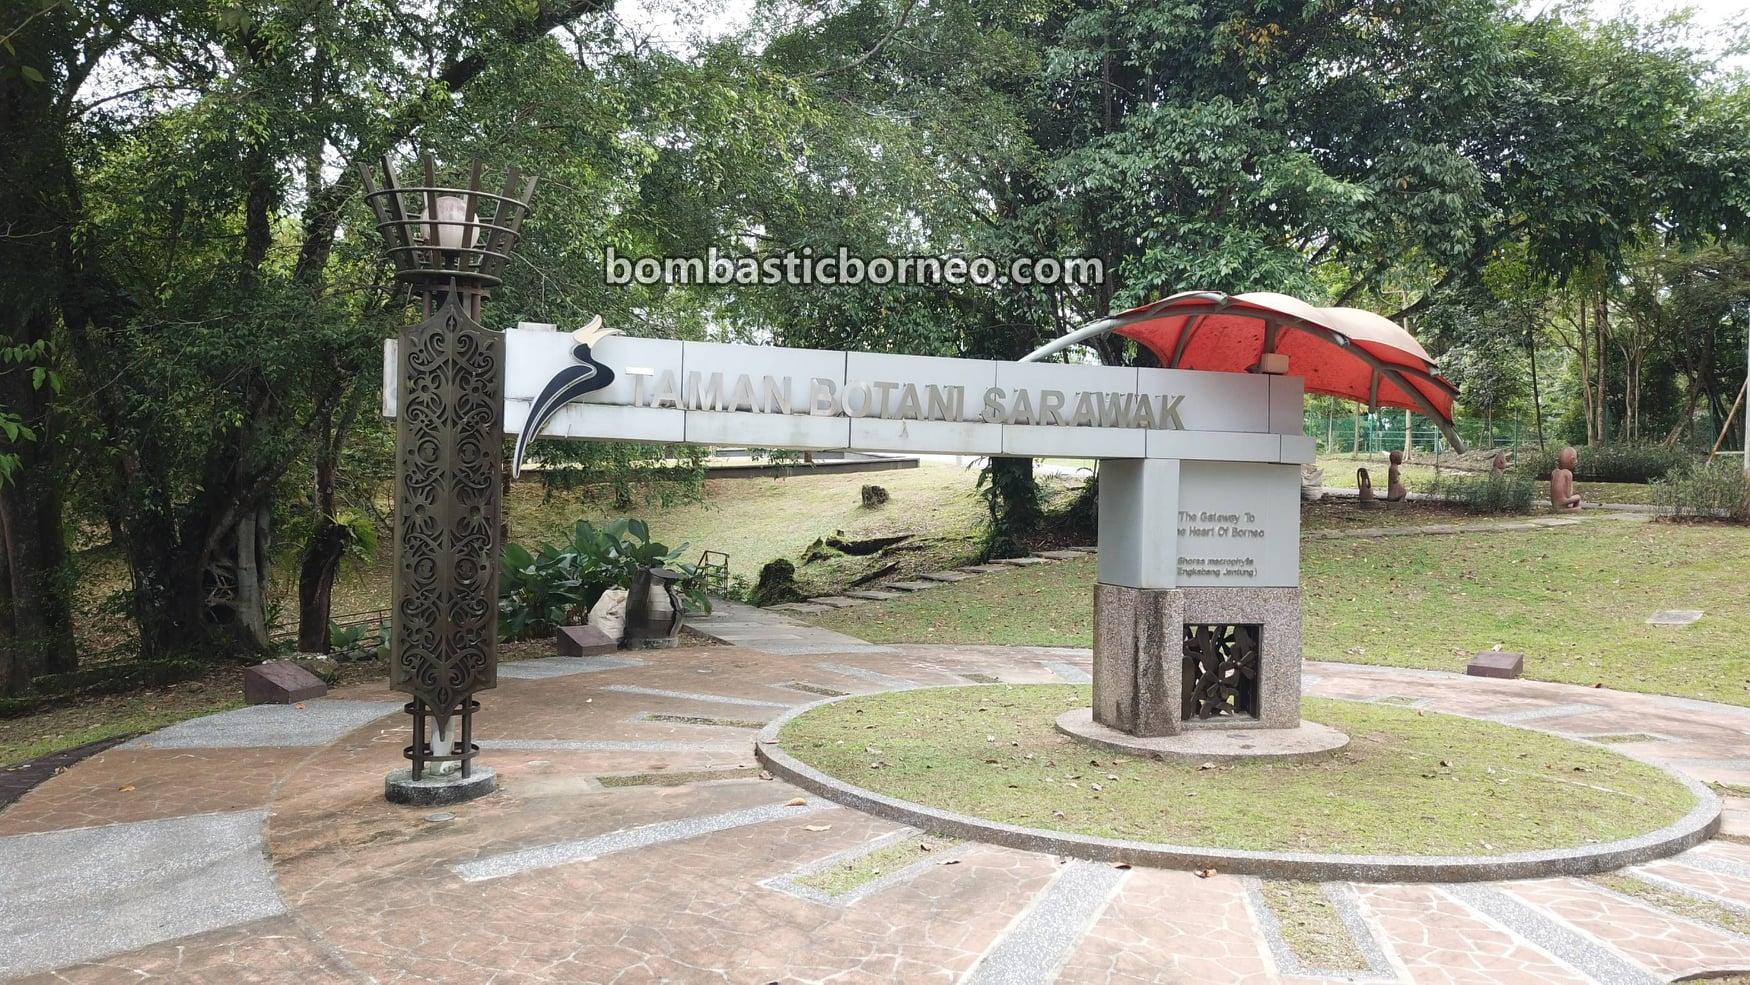 Taman Botani Sarawak, Sarawak Botanical Garden, recreational park, tempat senaman, outdoor, exercise, jogging, cycling, nature, destination, Kuching, Malaysia, Tourism, tourist attraction, travel guide,